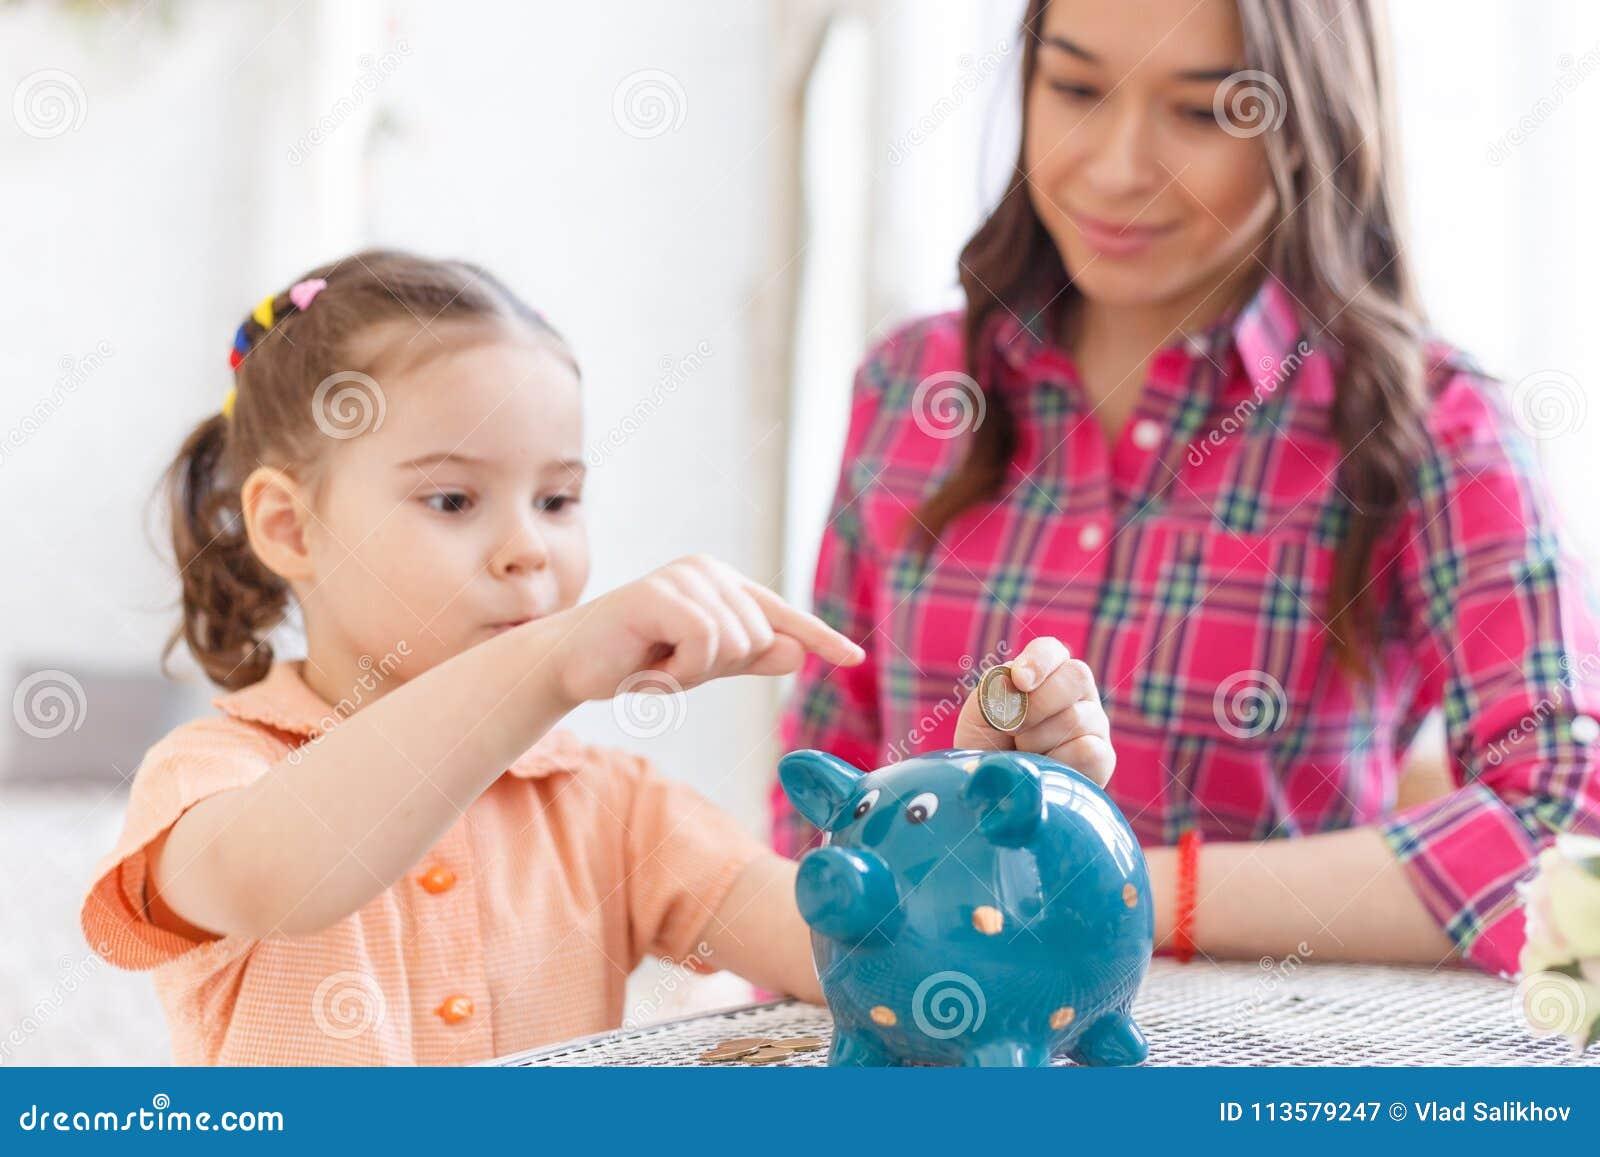 was bekommt eine werdende mutter an geld